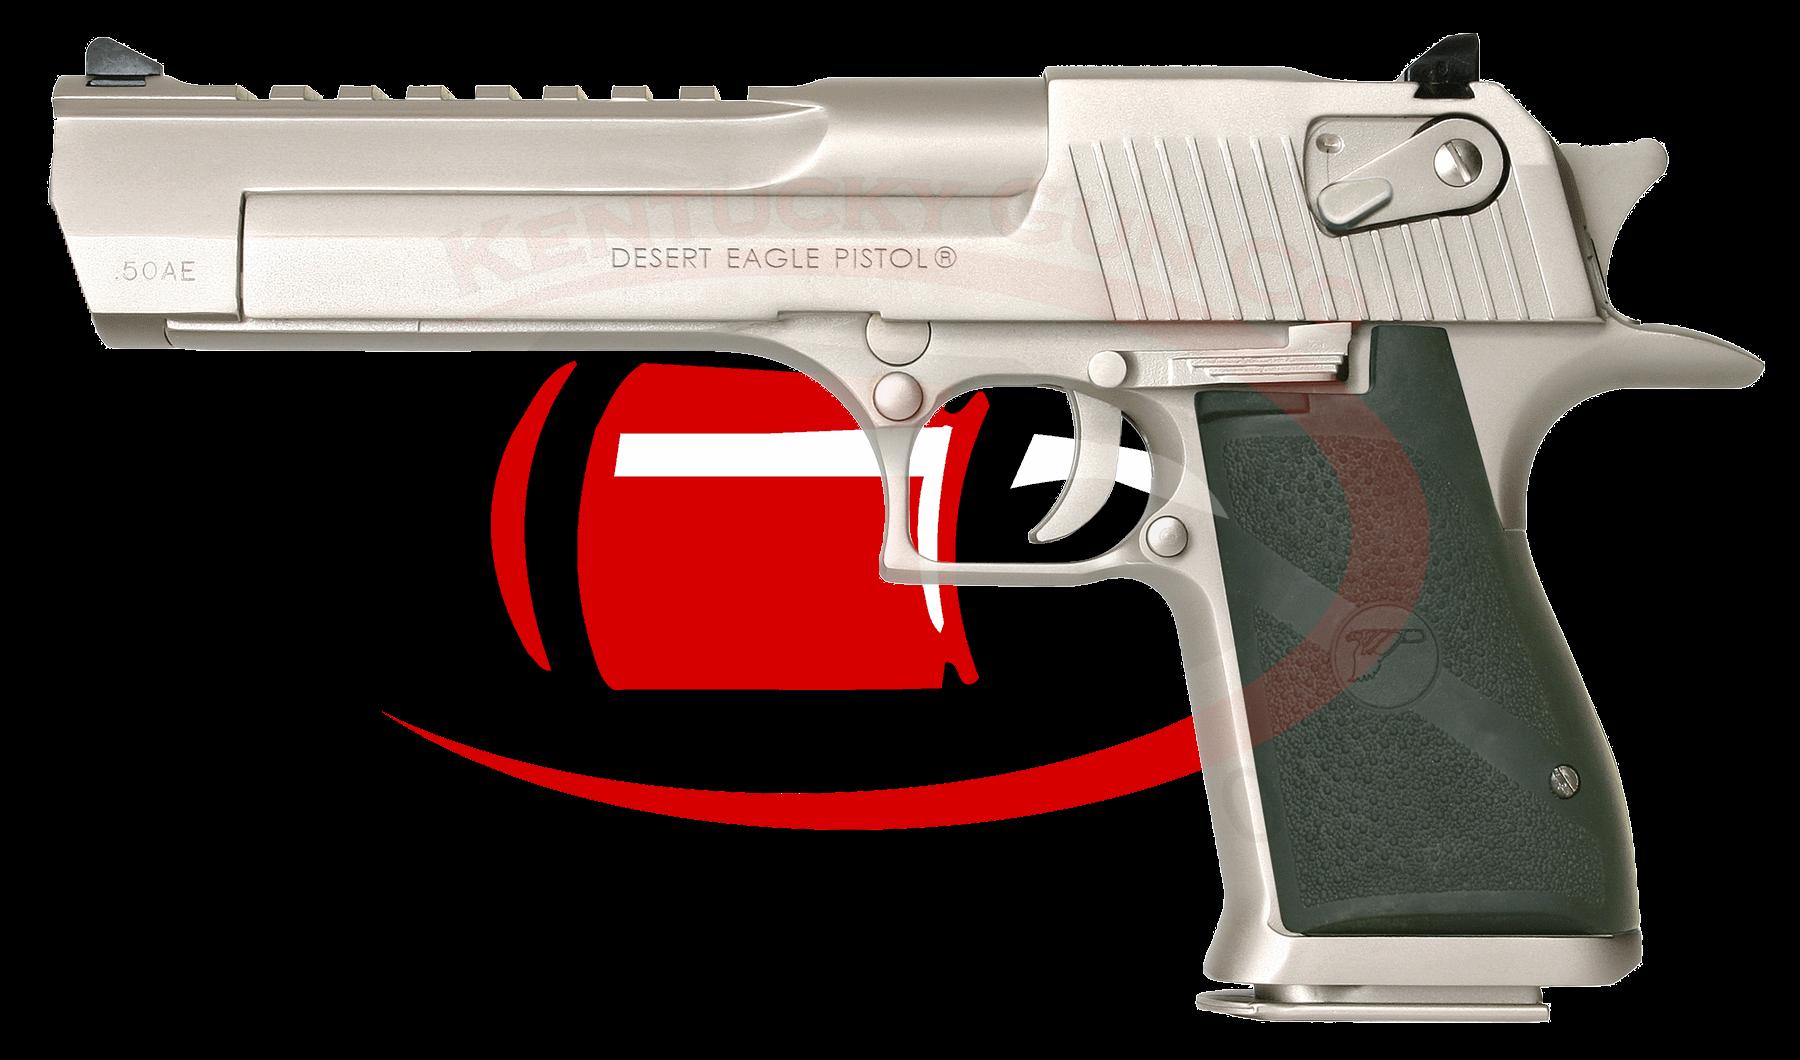 44 magnum pistol 6 barrel sati. Black Bedroom Furniture Sets. Home Design Ideas